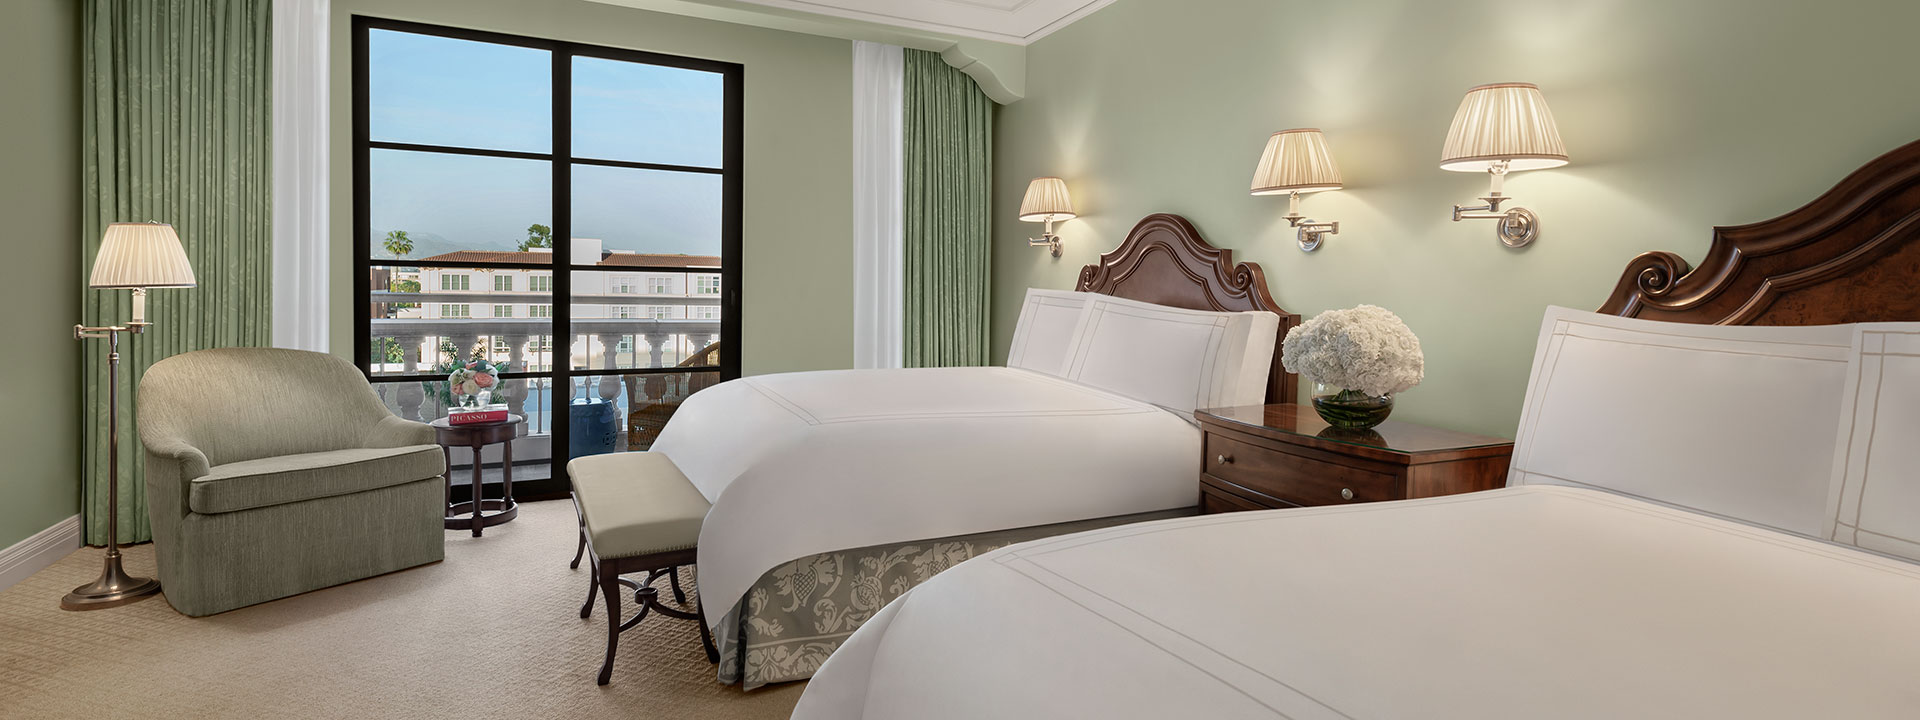 Premier Balcony Two Queen Room bedroom view